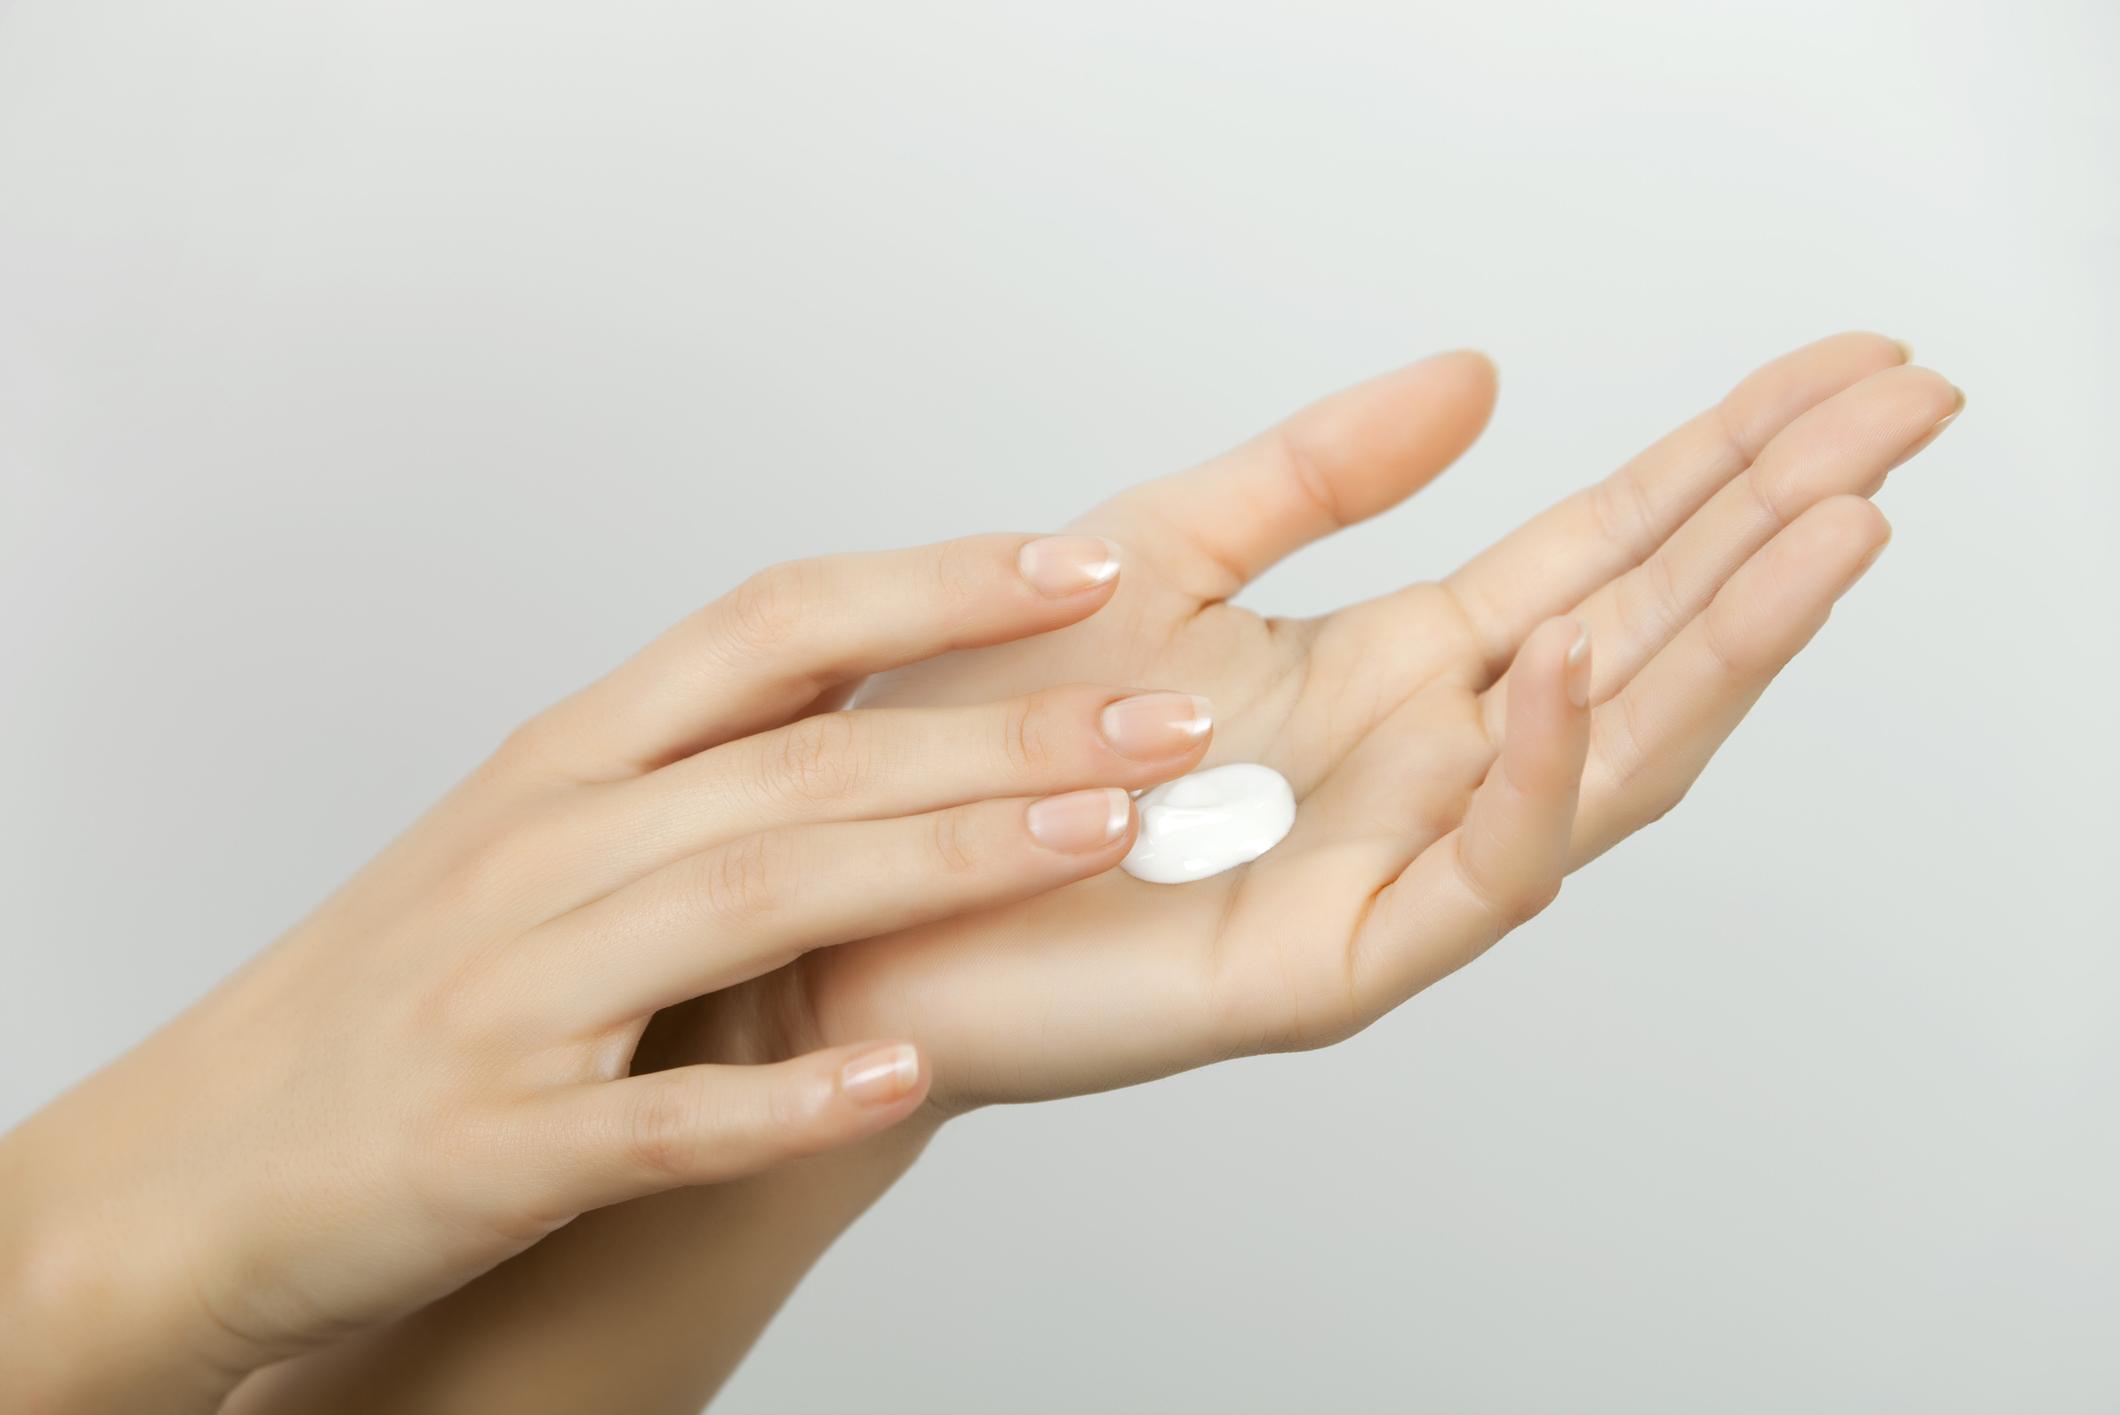 ¿Cómo cuidar tus manos en invierno?